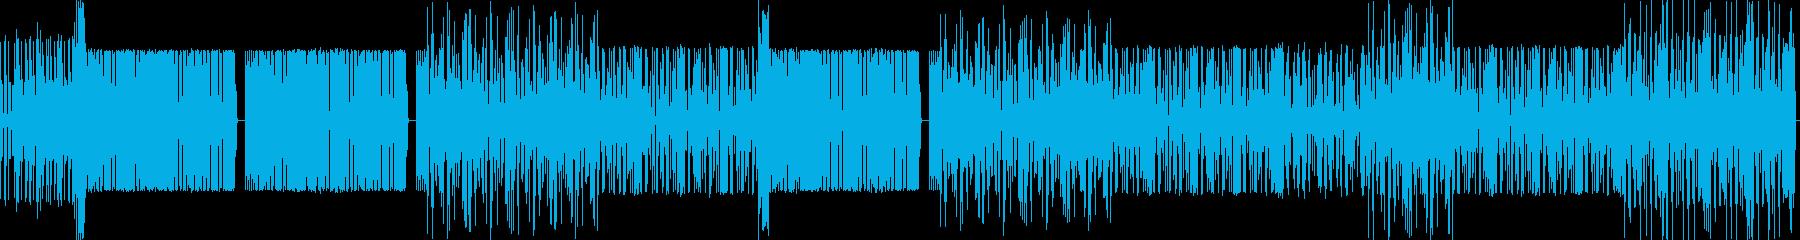 クールめなHIPHOP インストの再生済みの波形